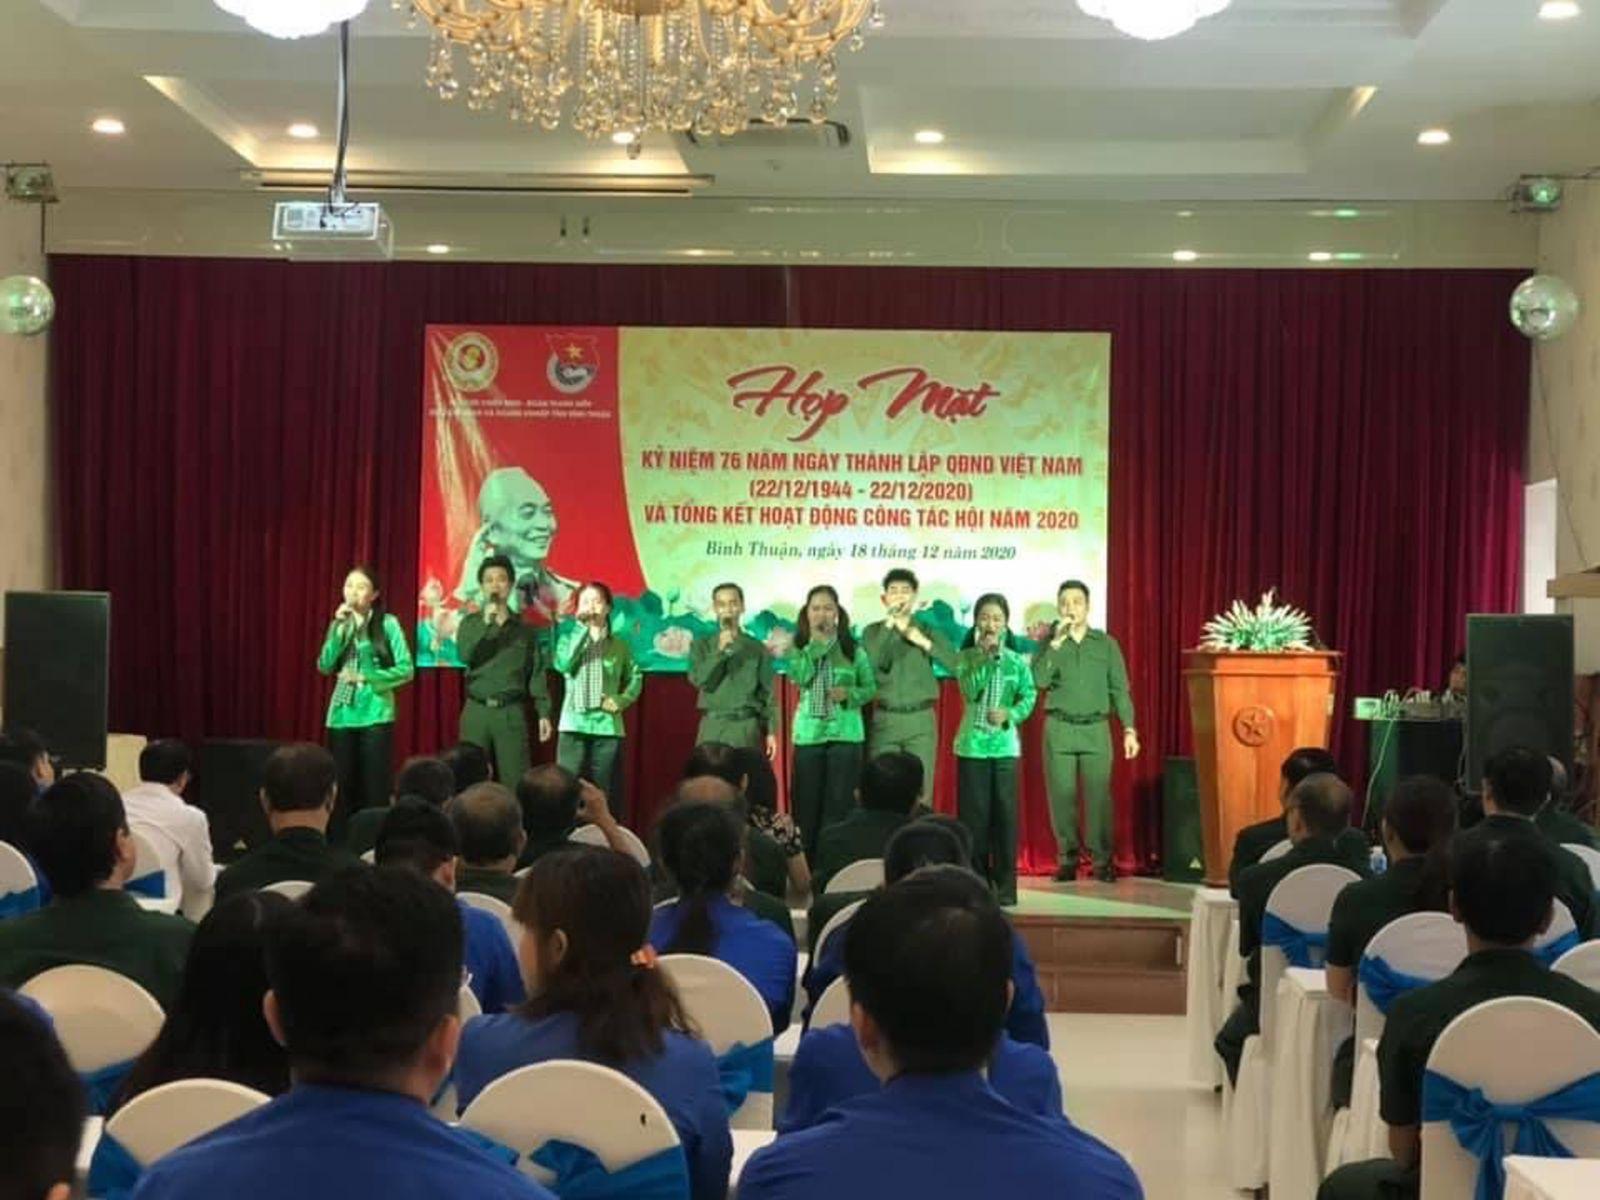 Hình Đoàn Khối phối hợp Hội Cựu Chiến binh Khối tổ chức họp mặt kỷ niệm 76 năm ngày thành lập Quân đội nhân dân Việt Nam